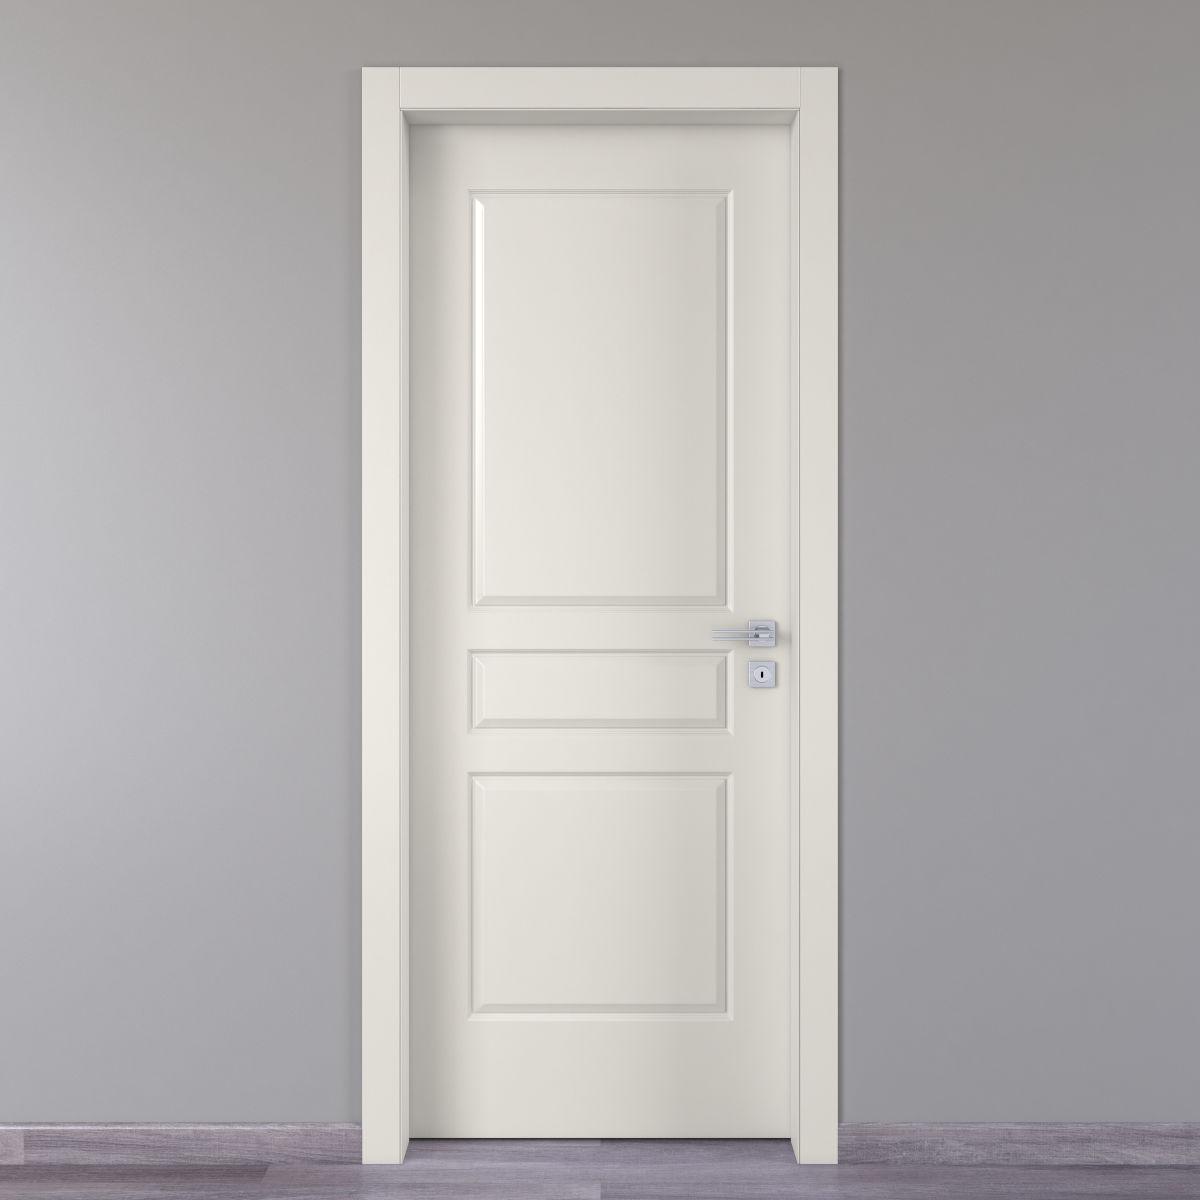 ricambi zanzariere leroy merlin porta da interno battente chelsea bianco 80 x h 210 cm sx